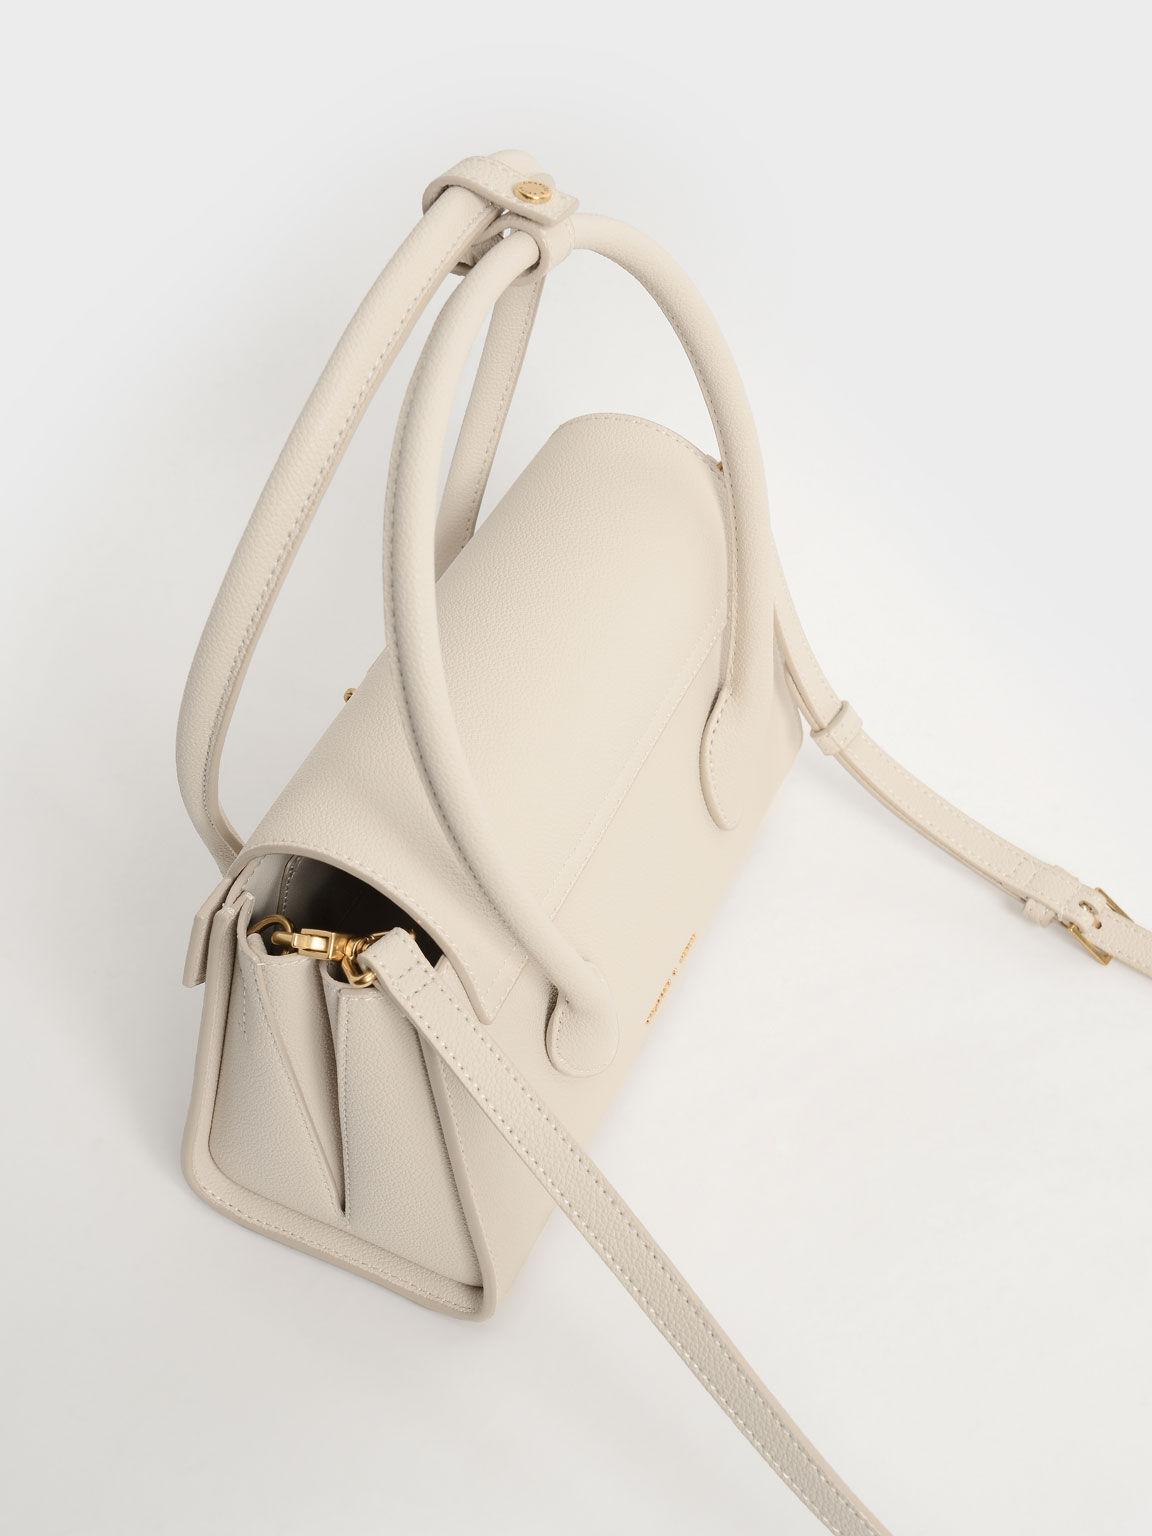 金屬釦手提梯形包, 奶油色, hi-res